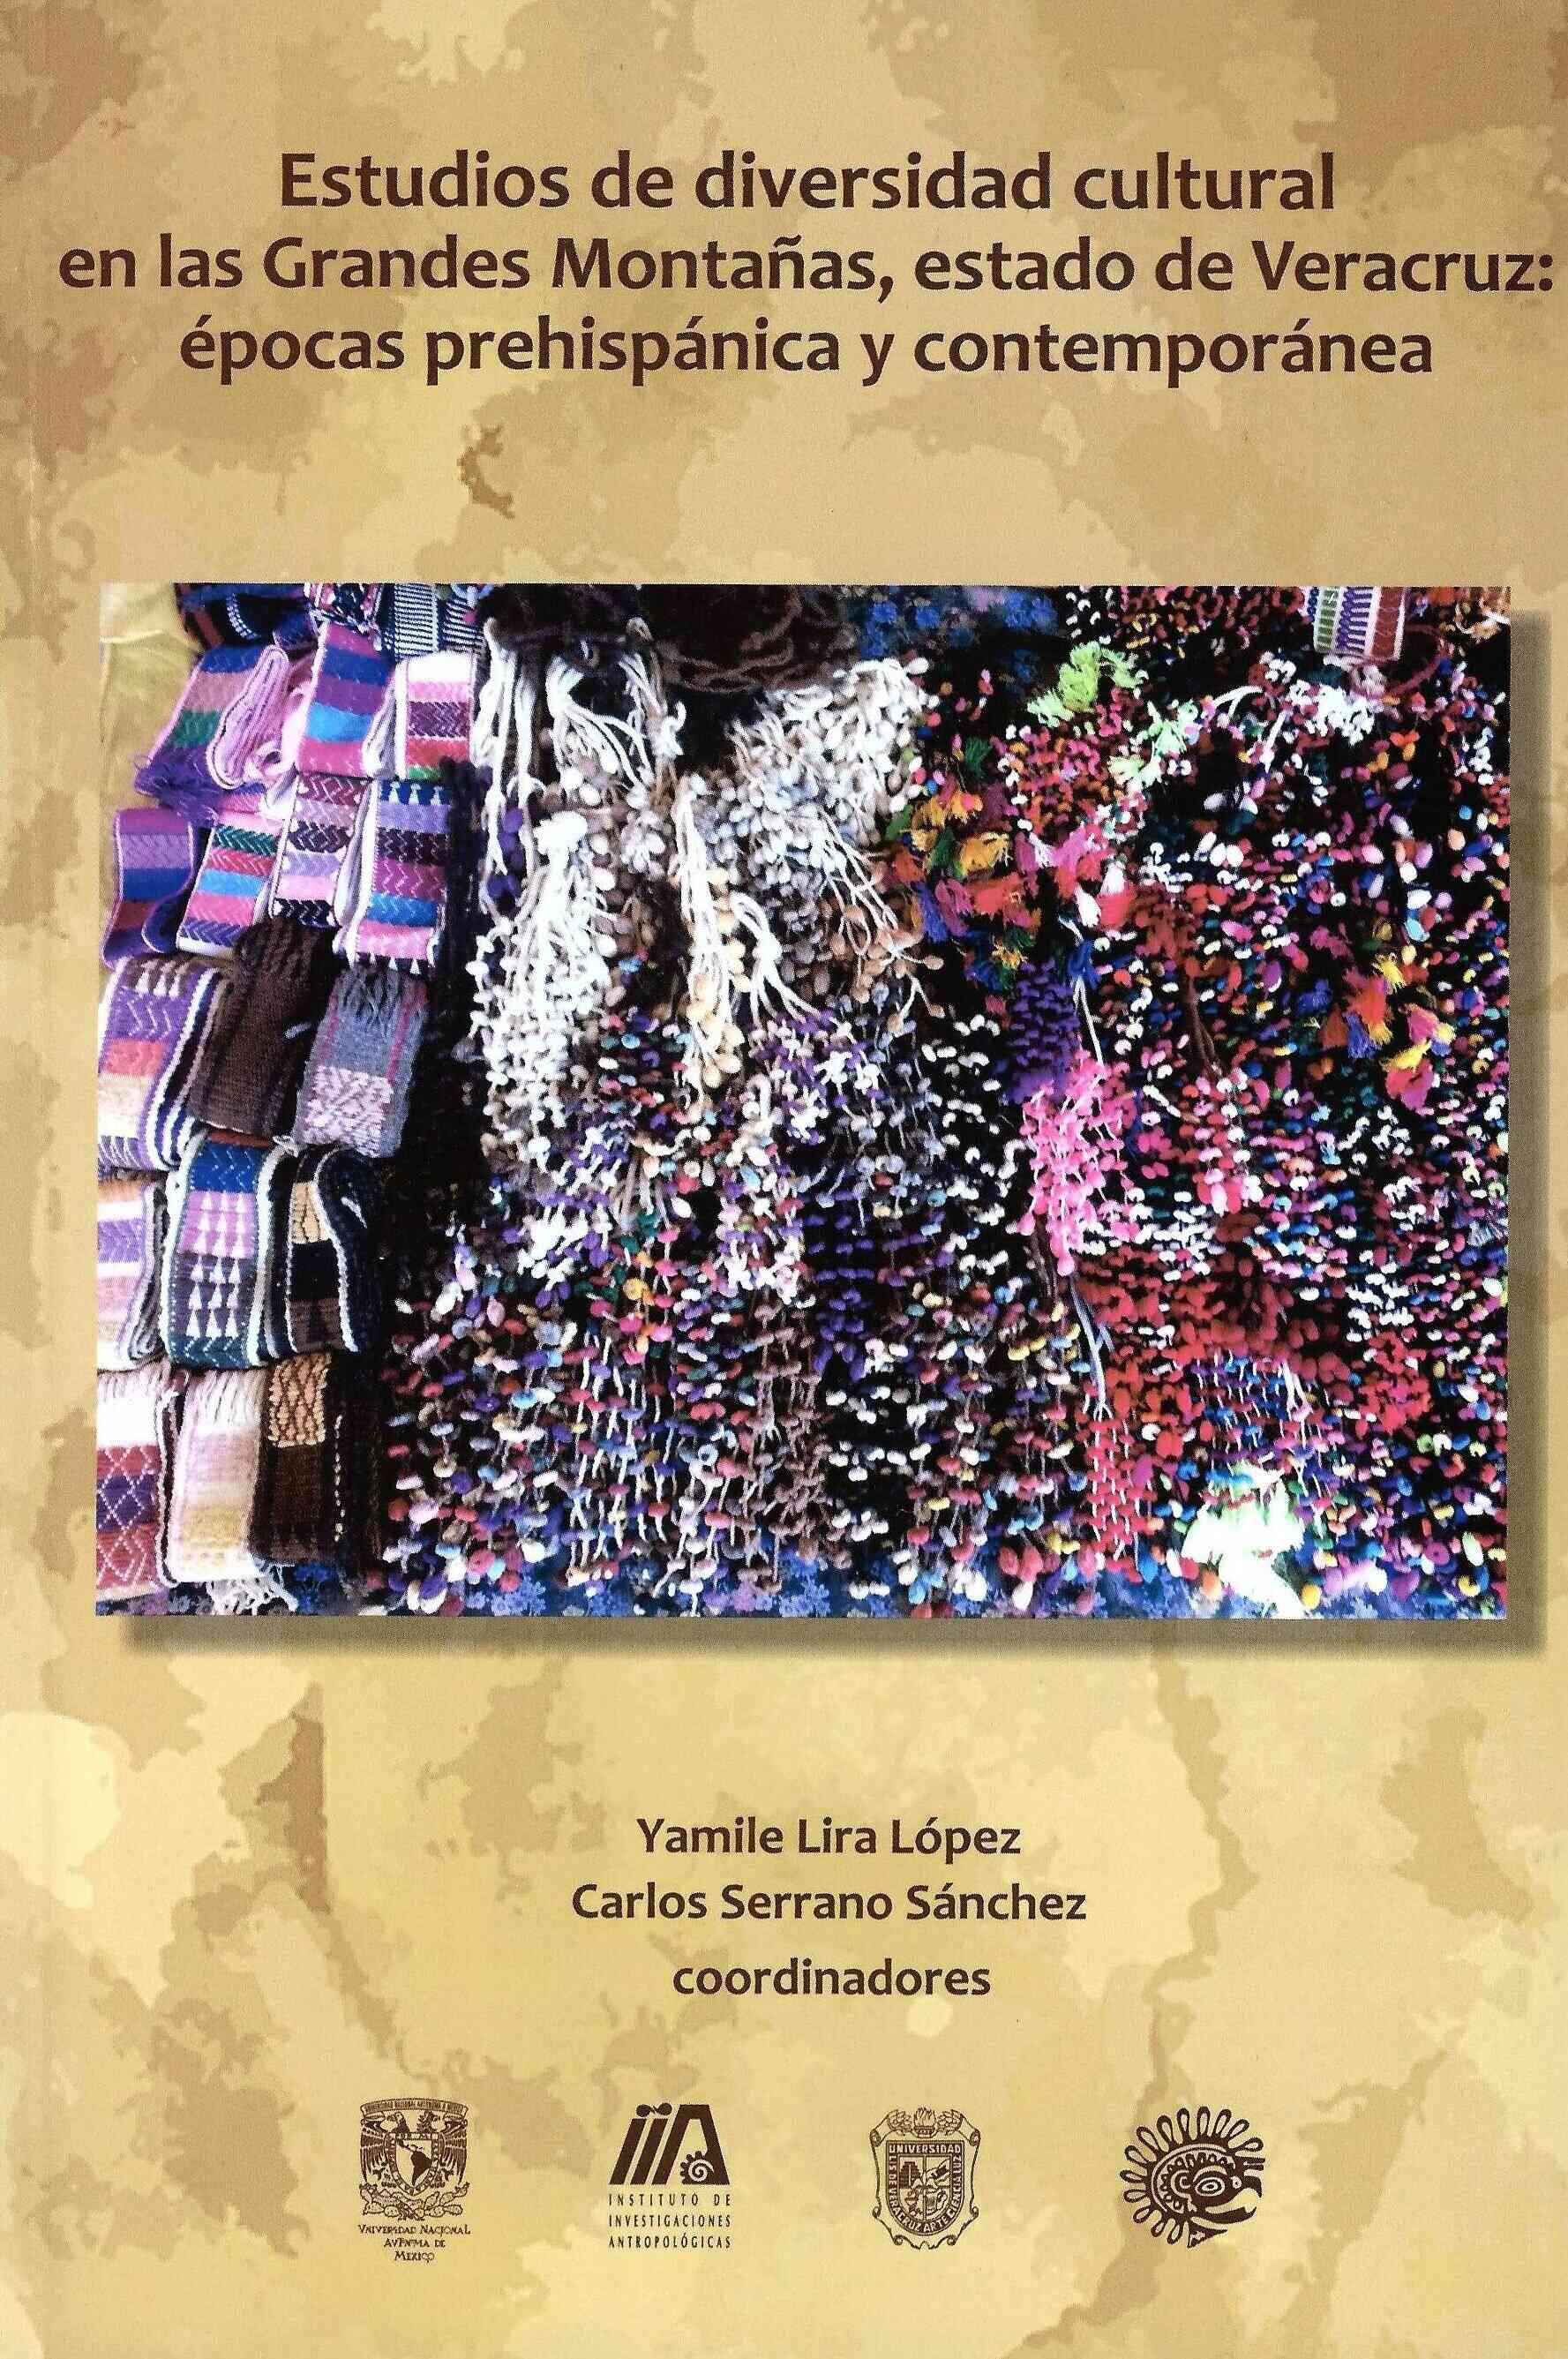 Estudios de diversidad cultural en las grandes montañas, estado de Veracruz: épocas prehispánica y contemporánea